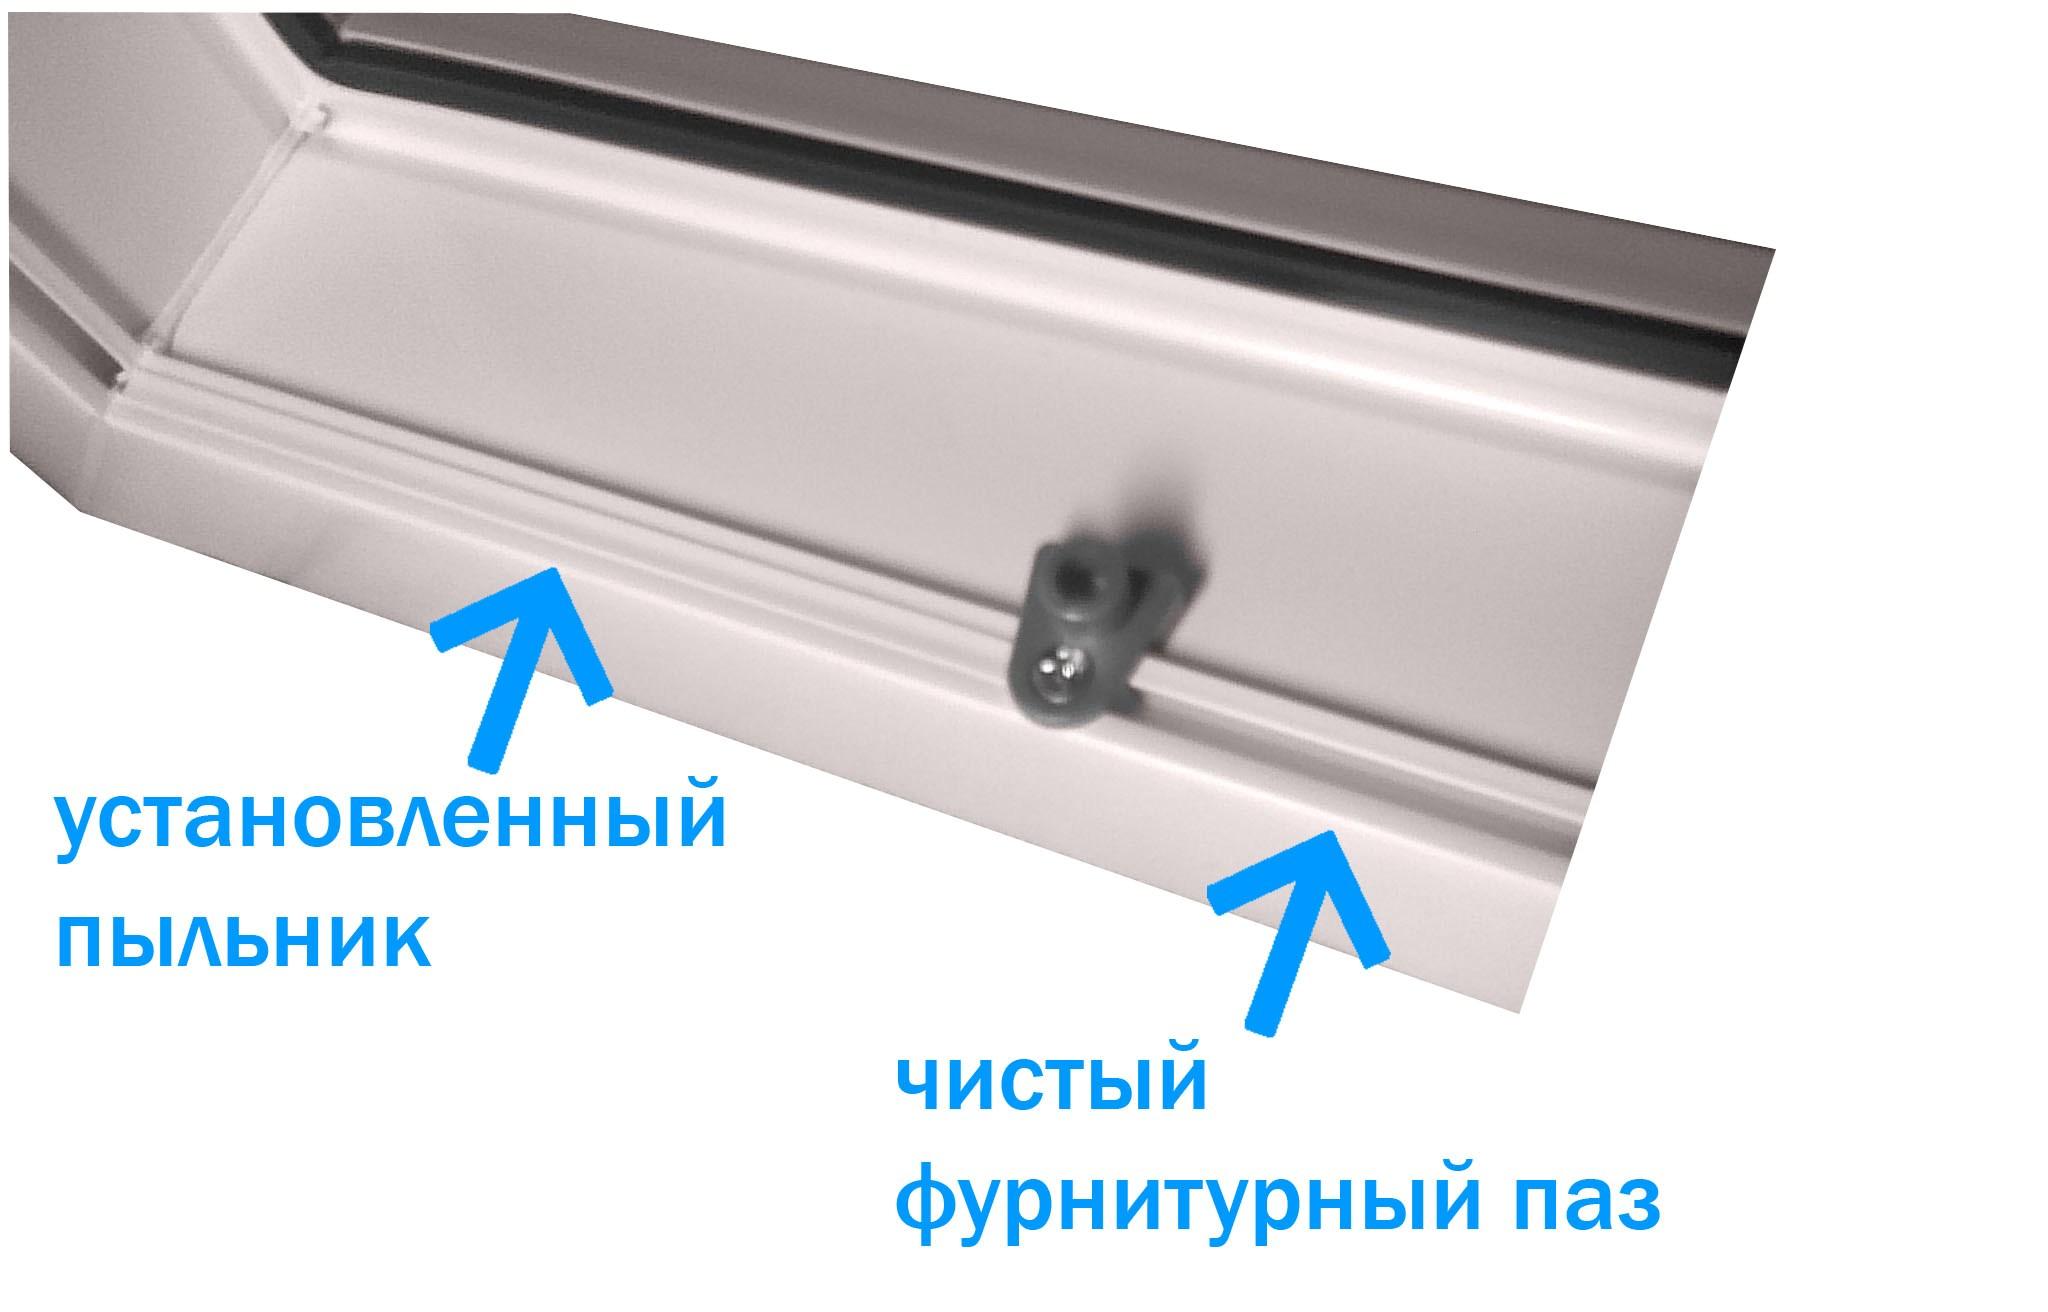 пыльник для металлопластиковых окон